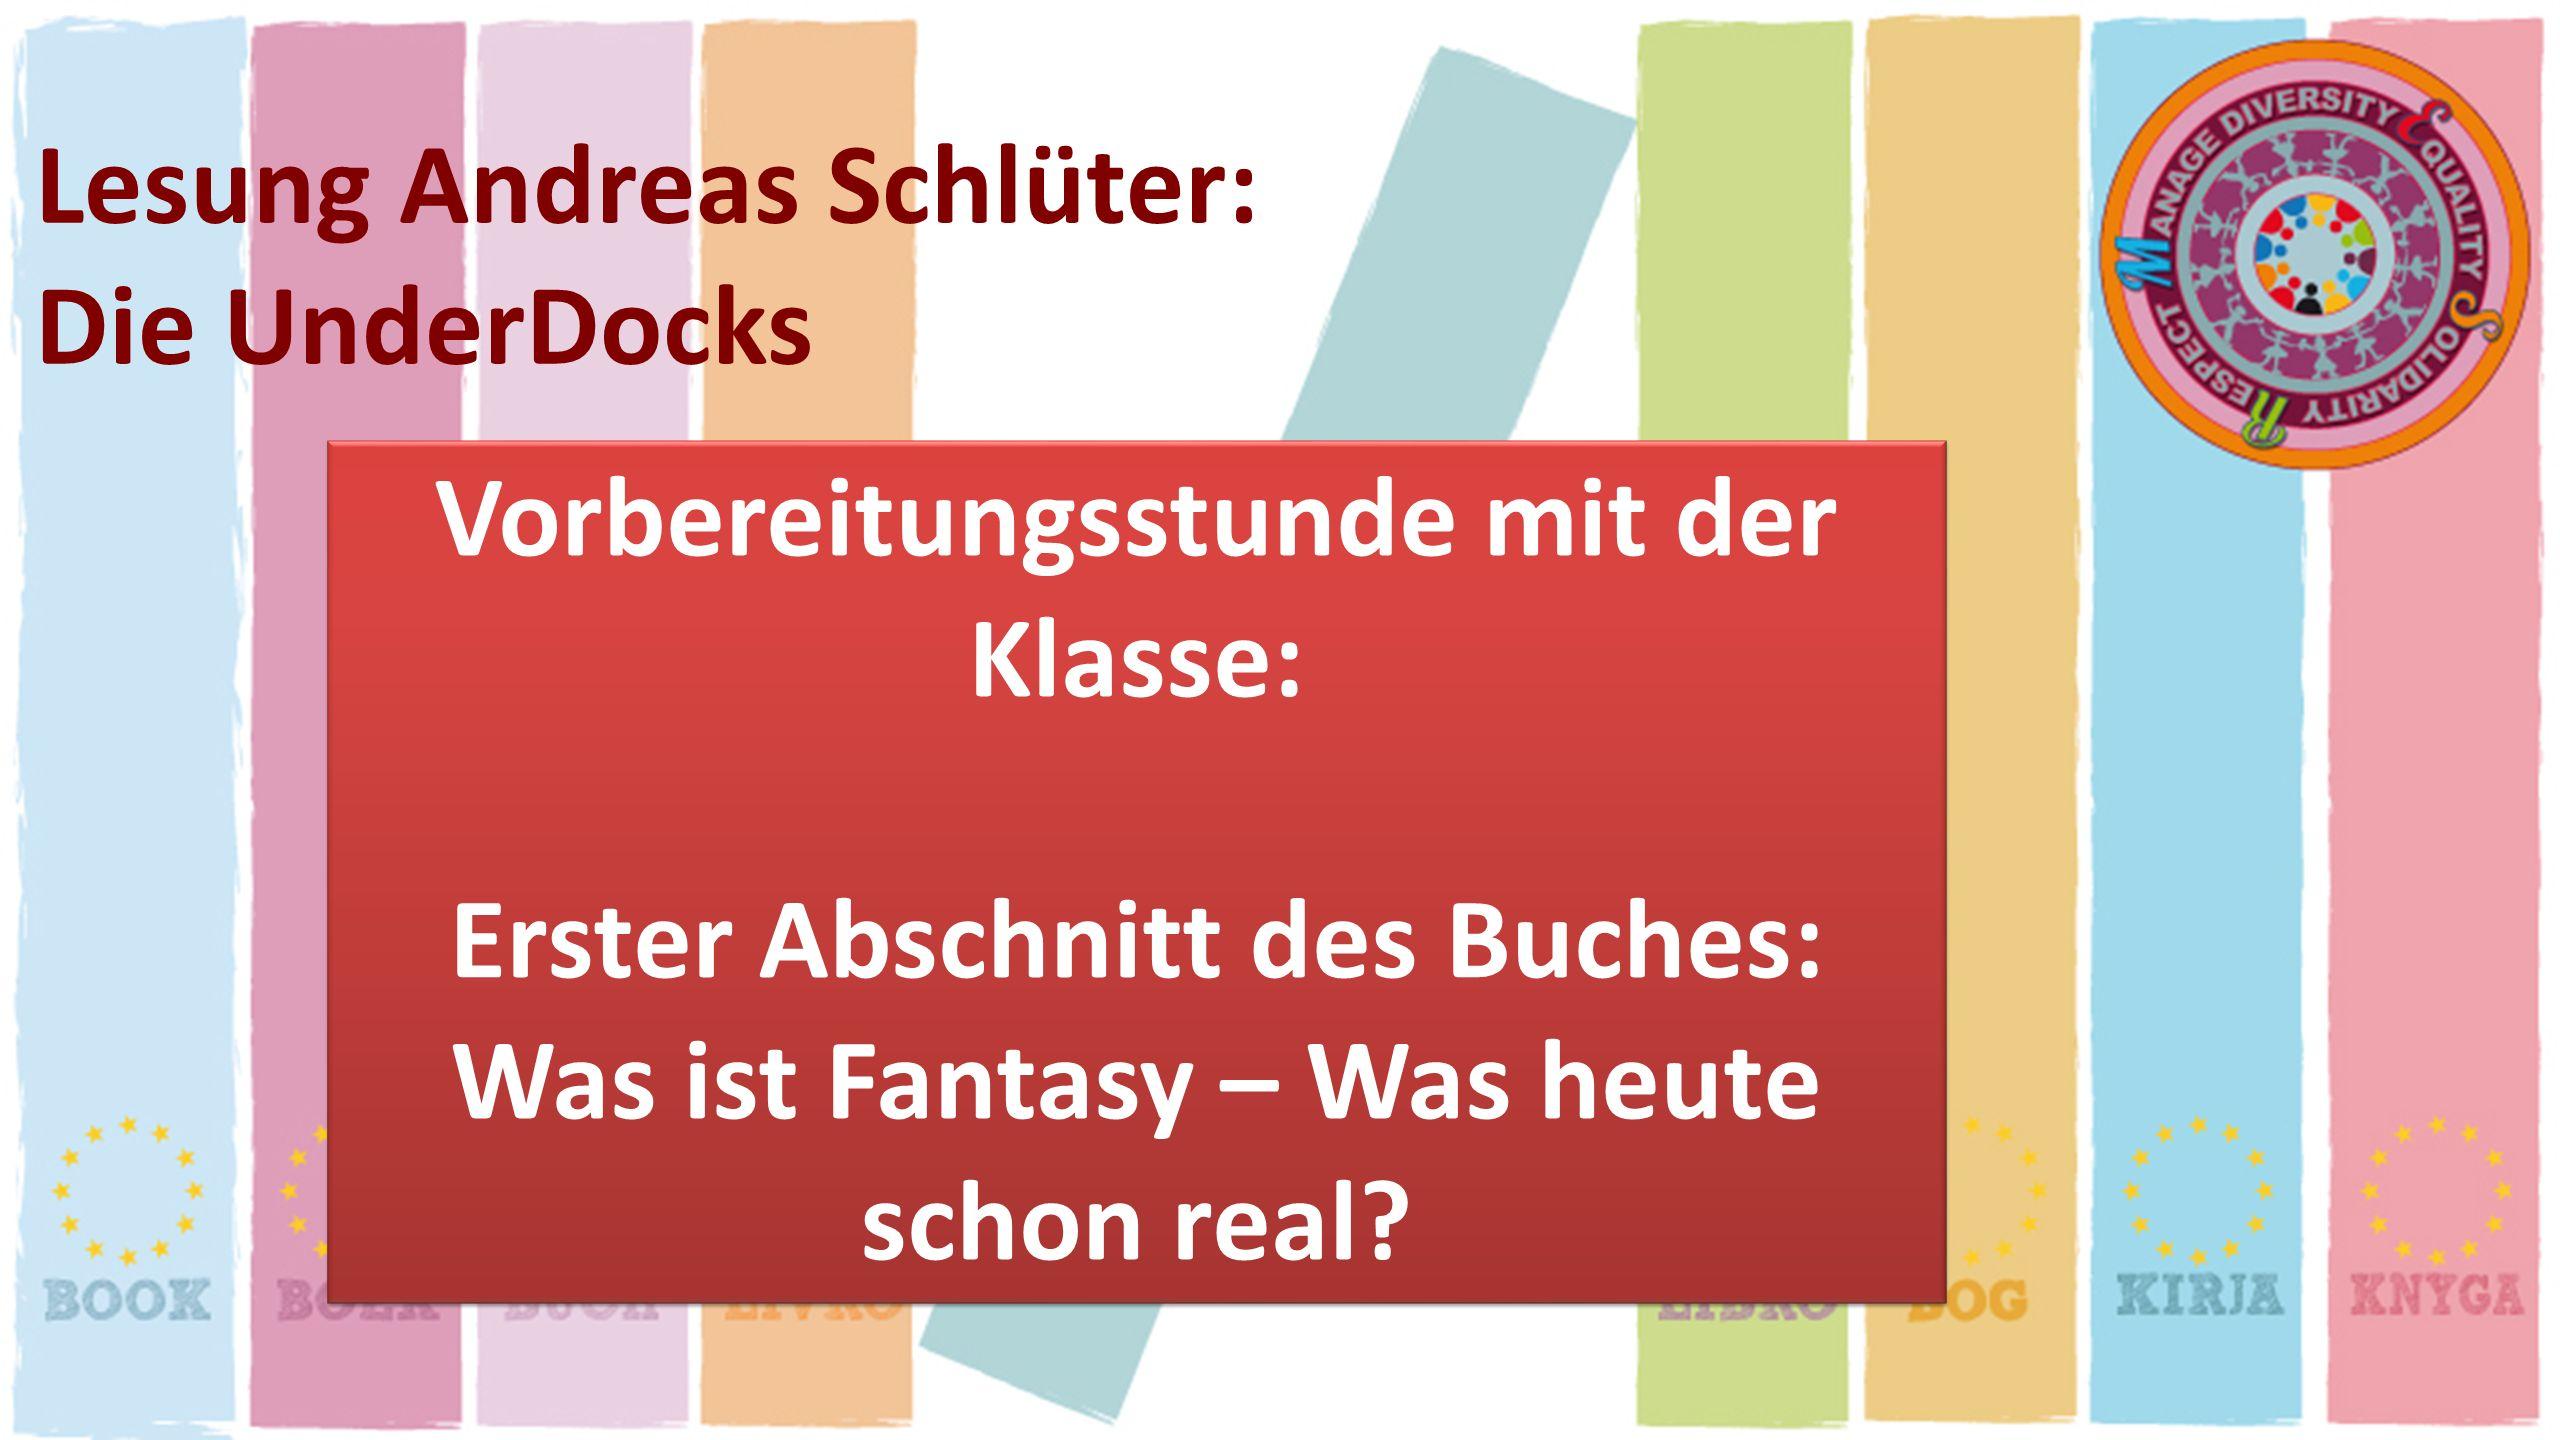 Lesung Andreas Schlüter: Die UnderDocks Vorbereitungsstunde mit der Klasse: Erster Abschnitt des Buches: Was ist Fantasy – Was heute schon real? Vorbe